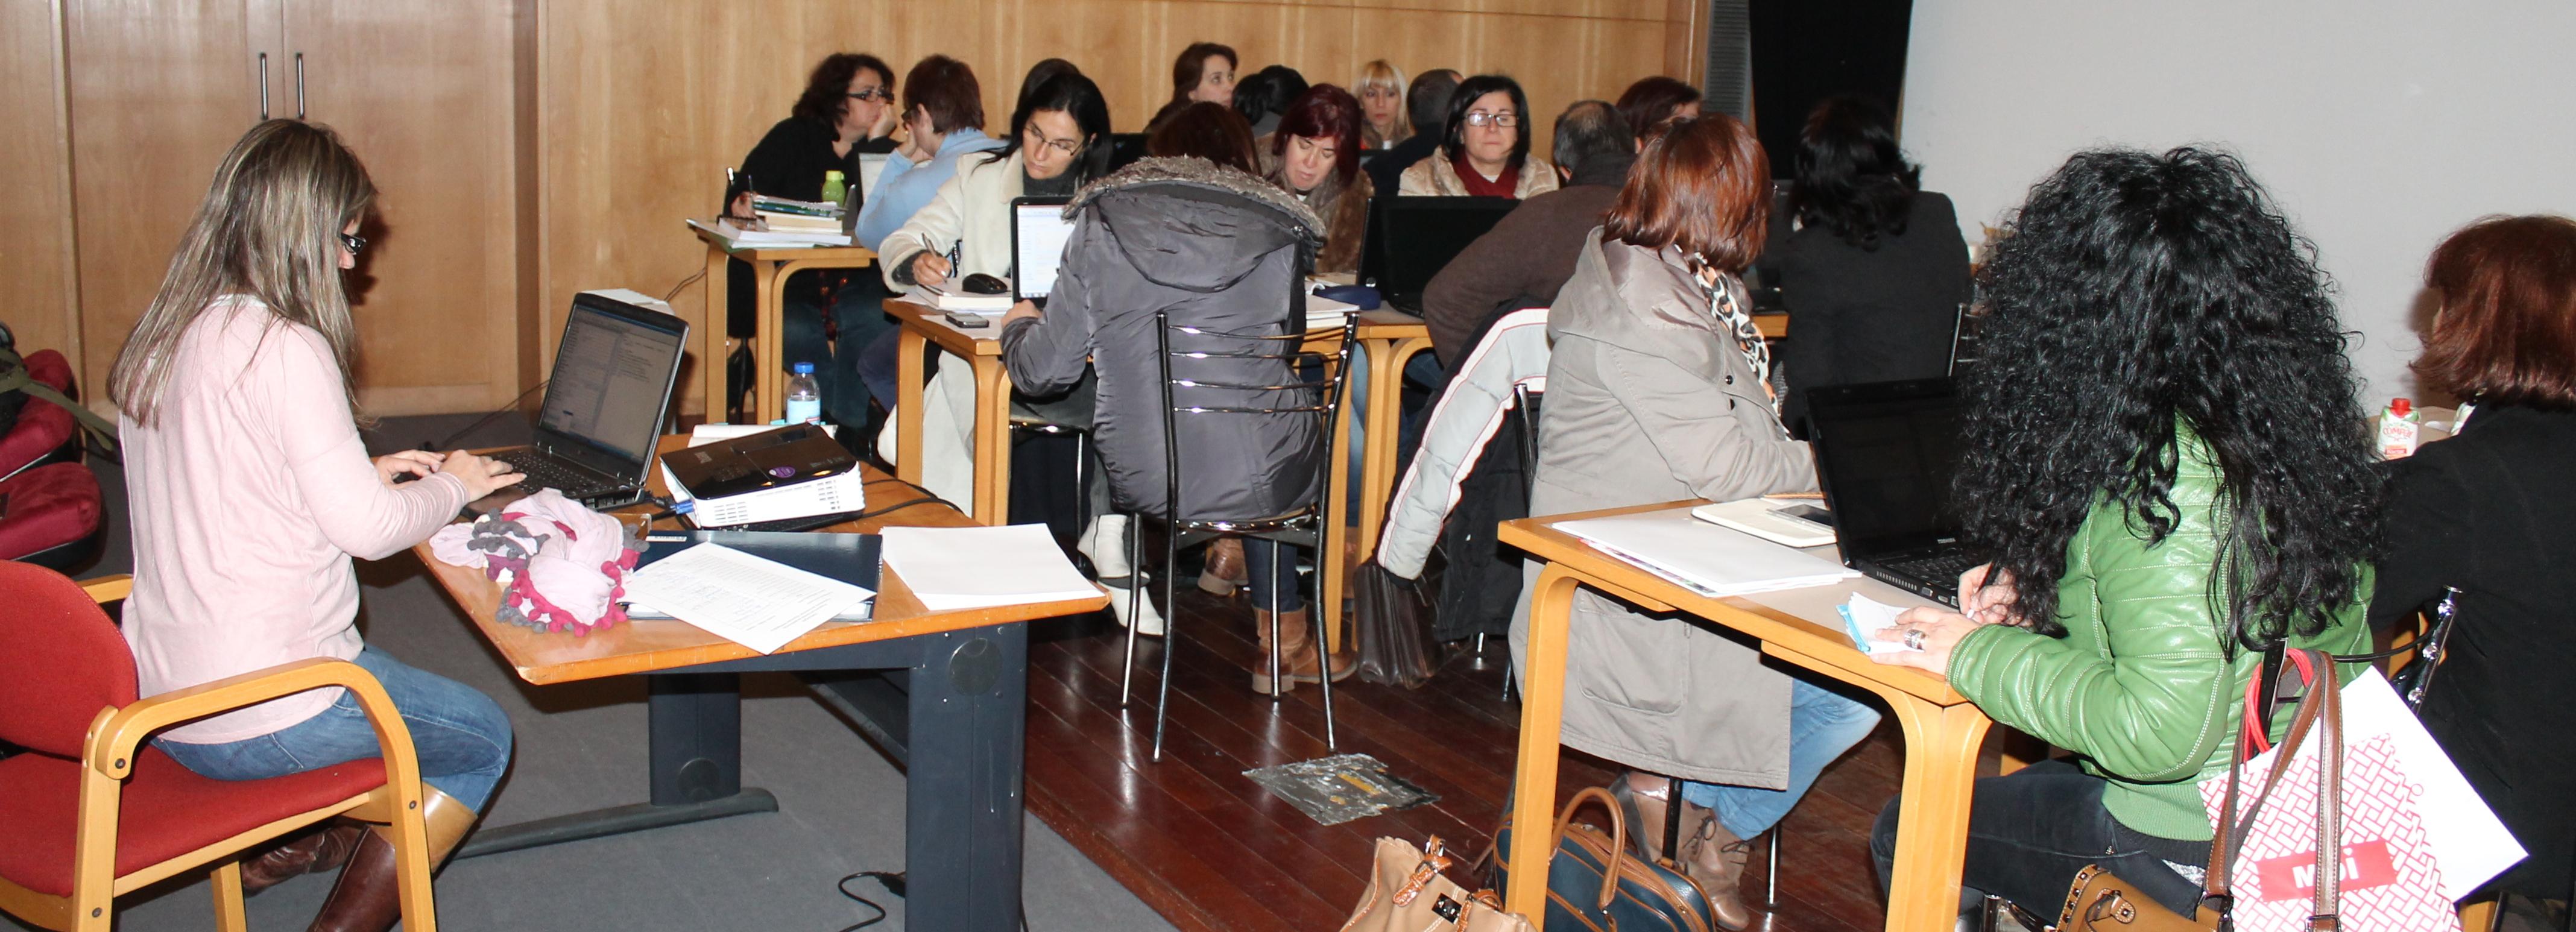 Câmara Municipal de Barcelos promove formação para Professores Bibliotecários